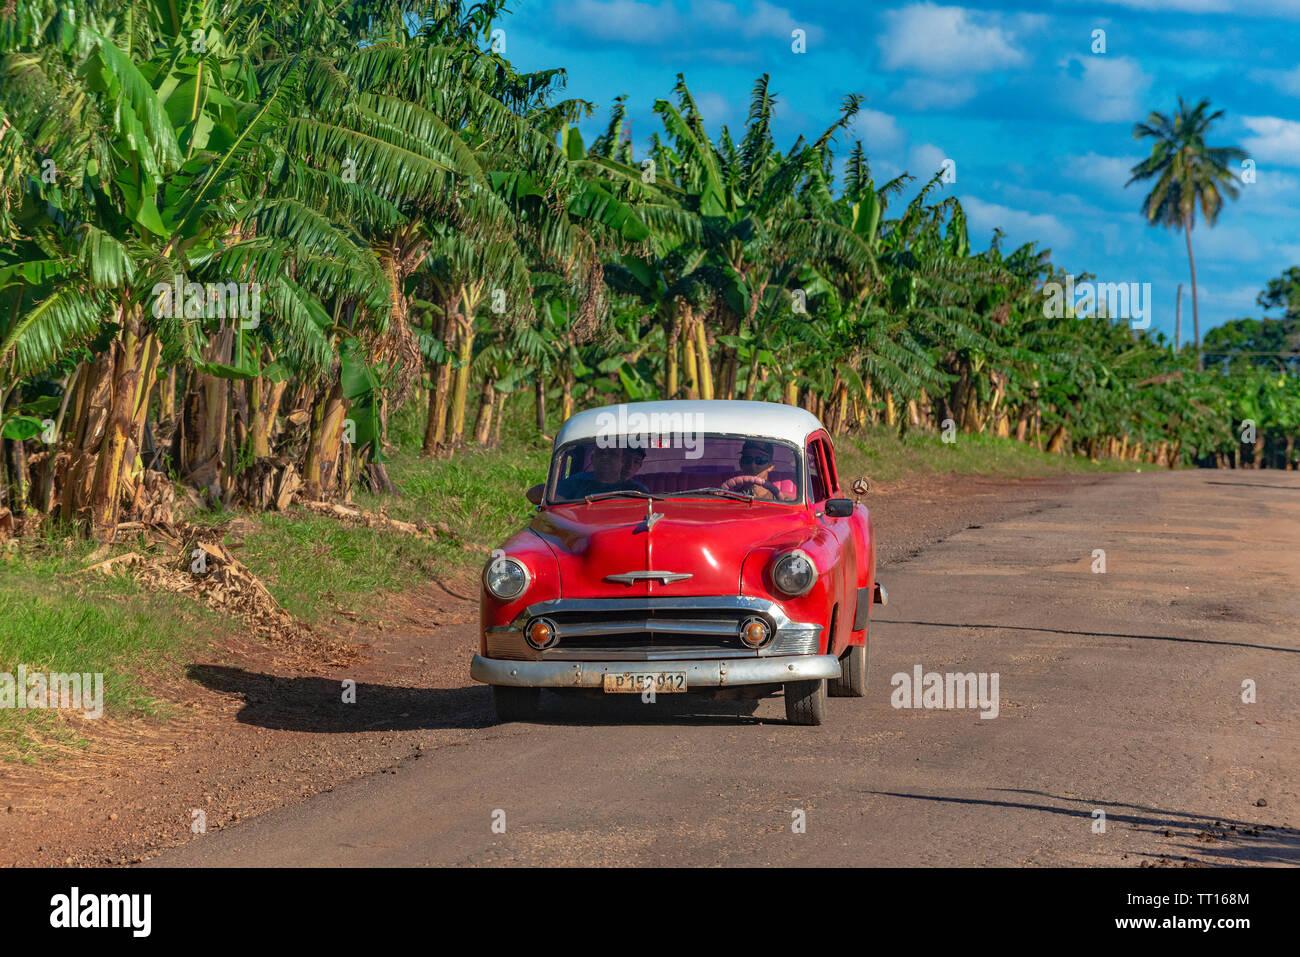 Auto cubana classica che passa davanti ad una piantagione di banane sulla strada da Vinales a Palma Rubia (Cayo Levisa) Pinar del Rio Provincia, Cuba Foto Stock